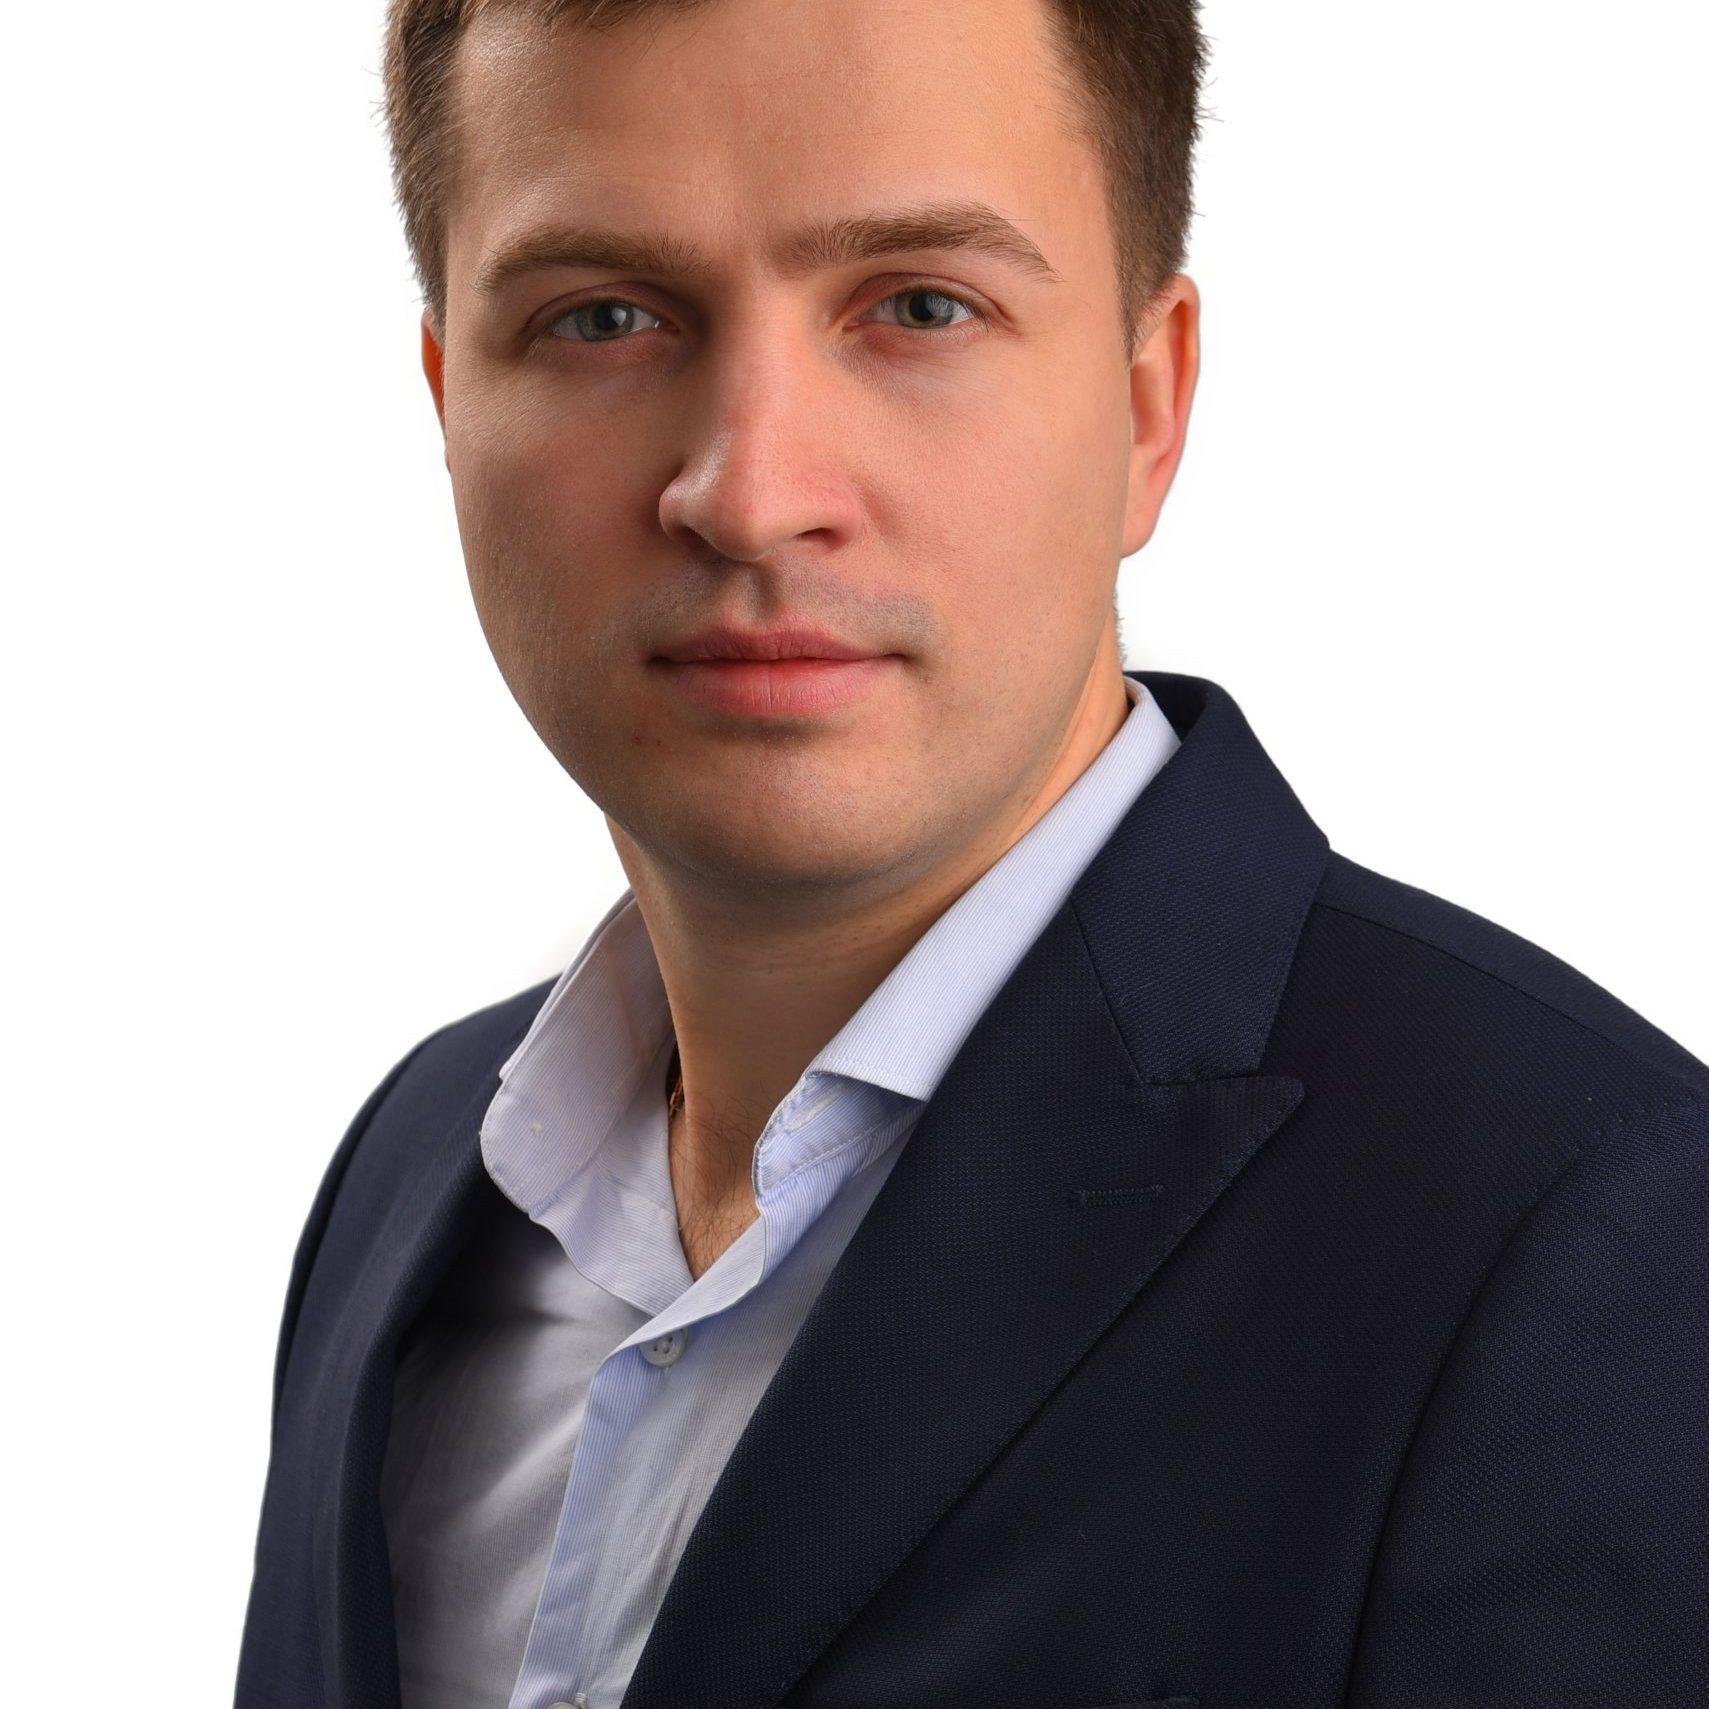 ВласовИванАлександрович